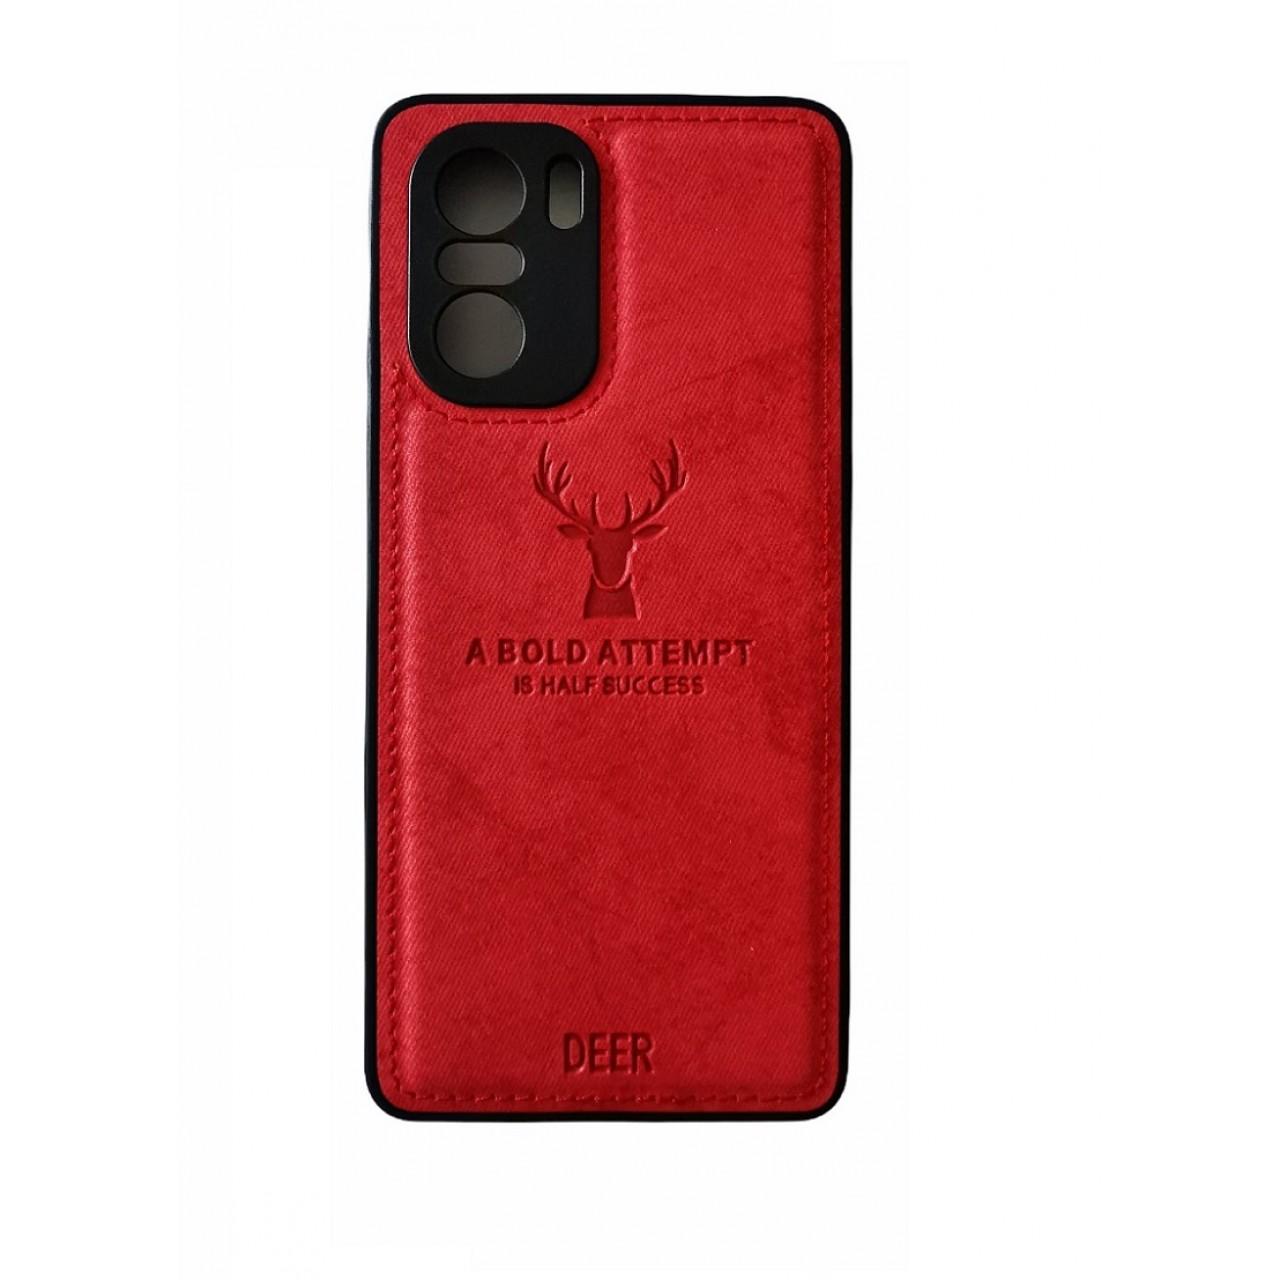 ΘΗΚΗ DEER CLOTH BACK CASE WITH CAMERA PROTECTION FOR POCO F3 - RED